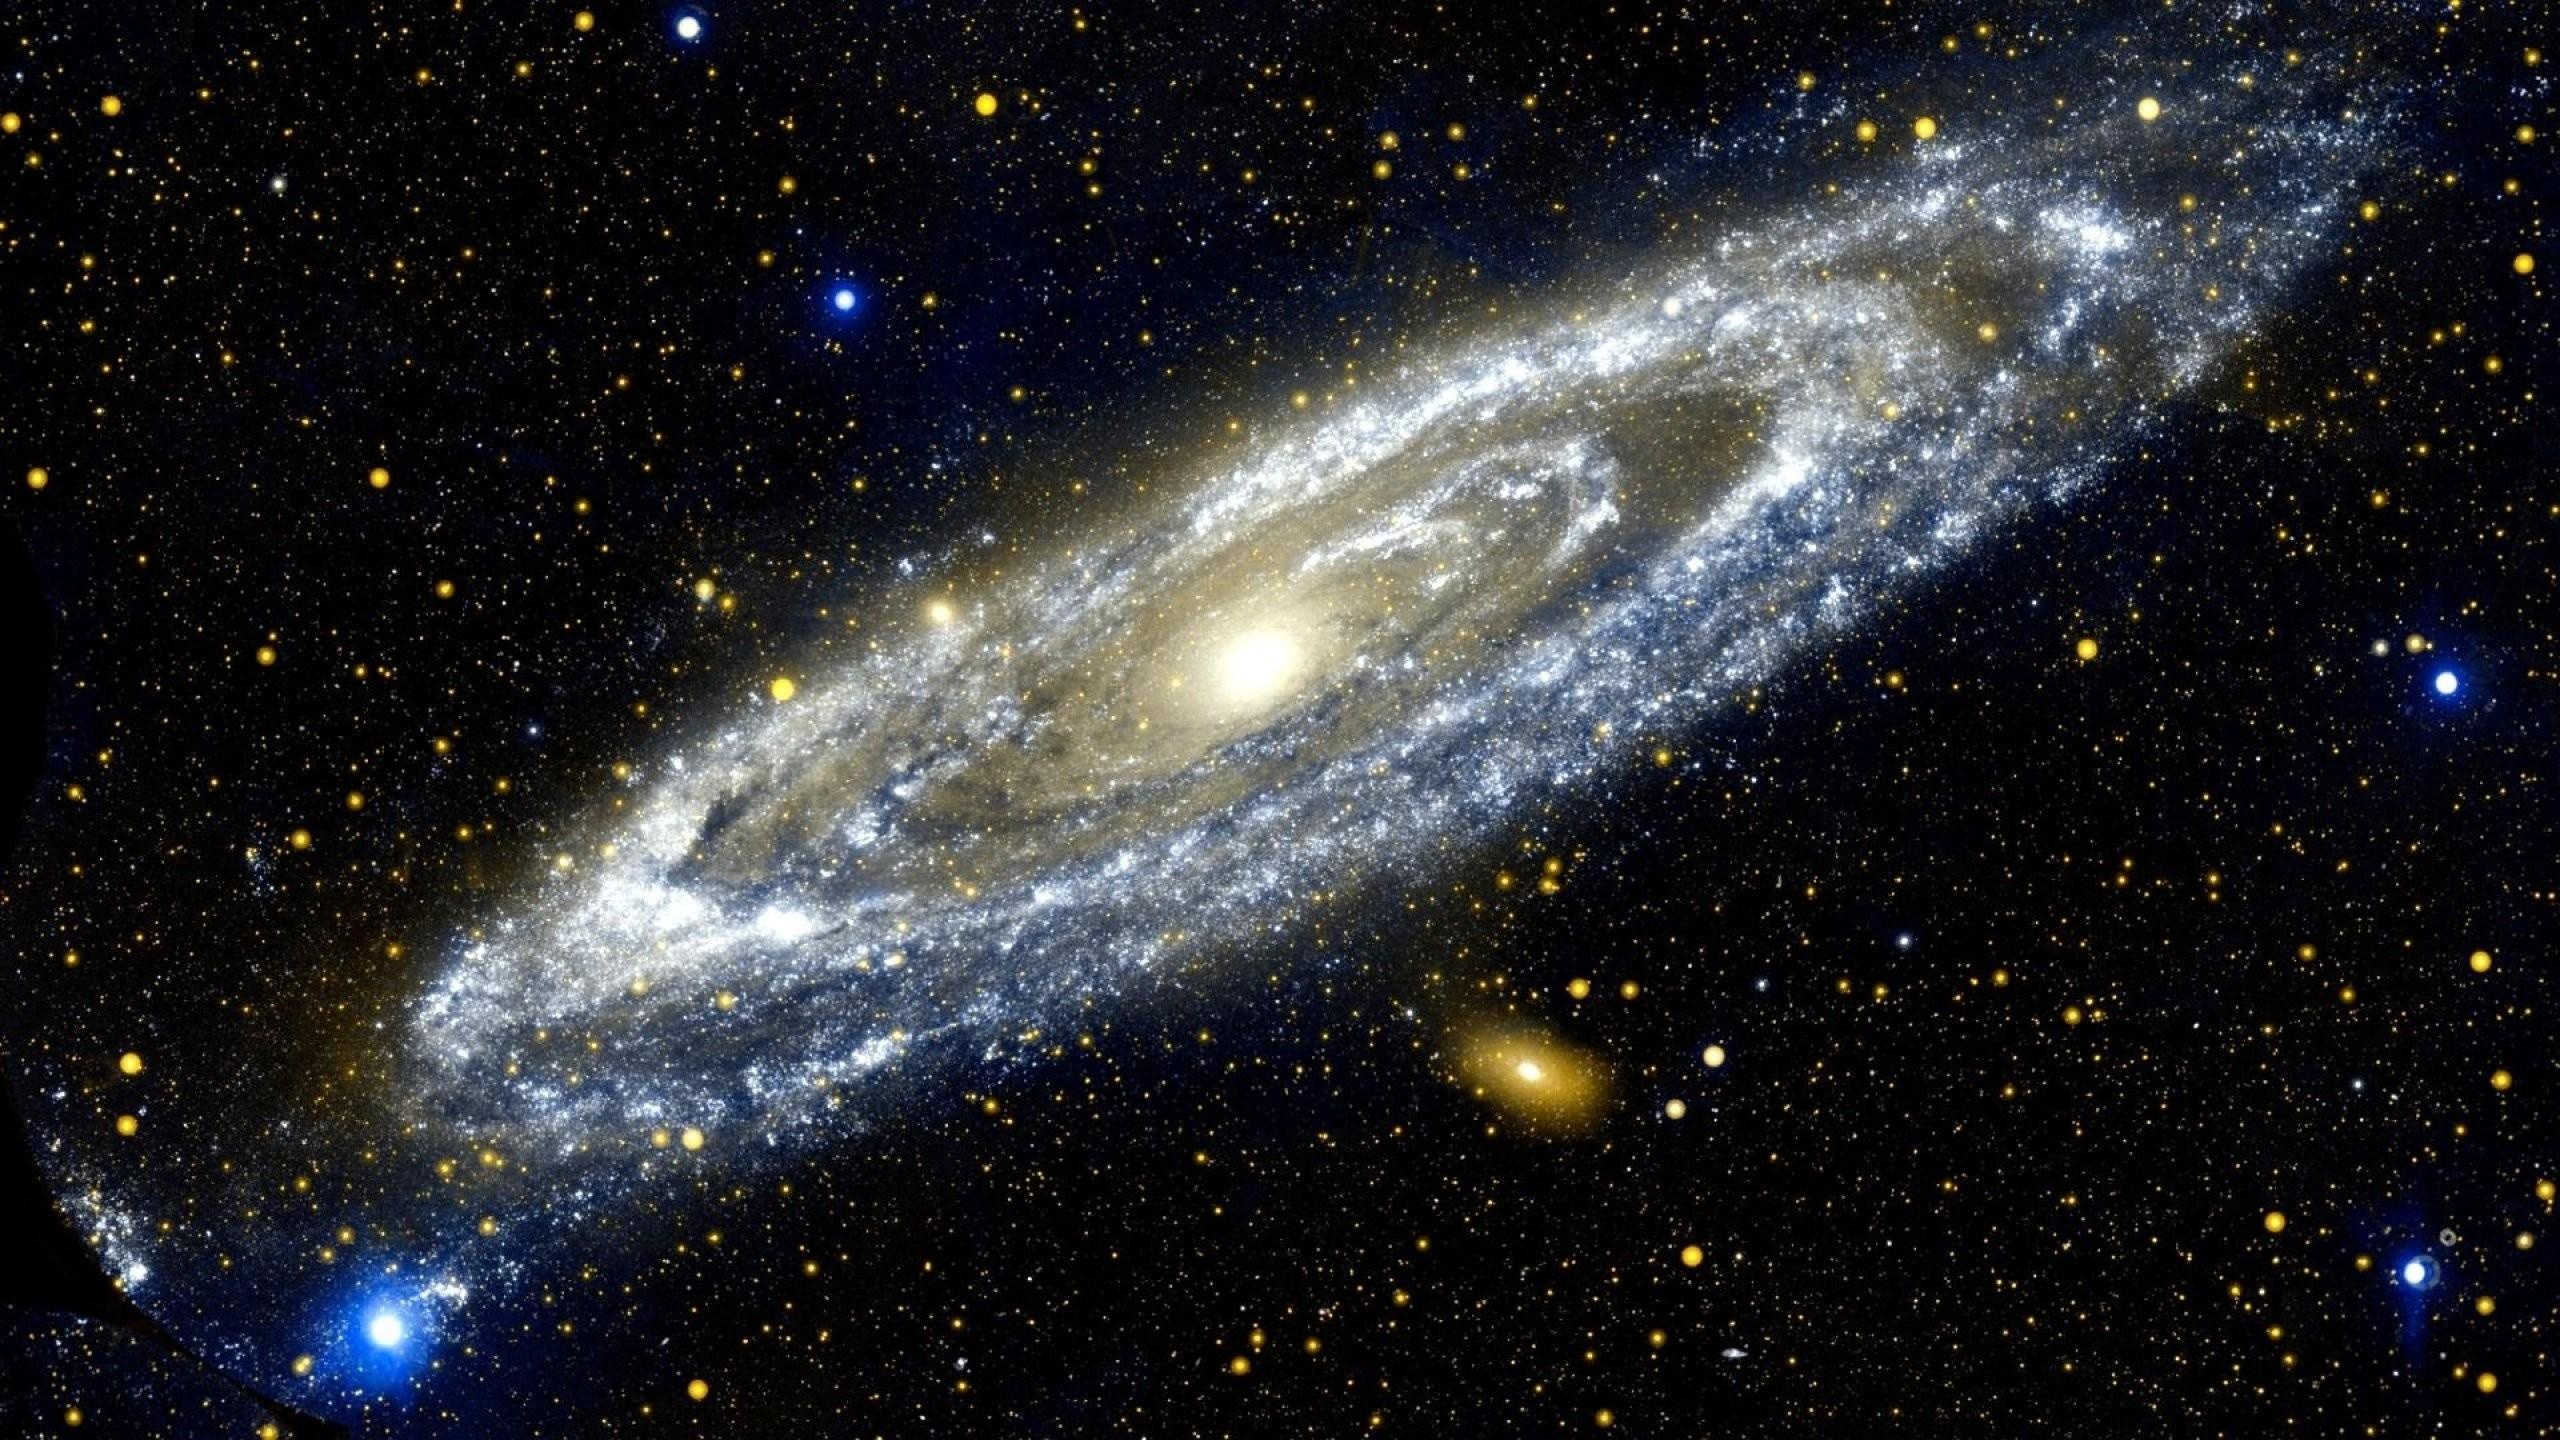 Galaxy Nasa 724203 · nasa 510151